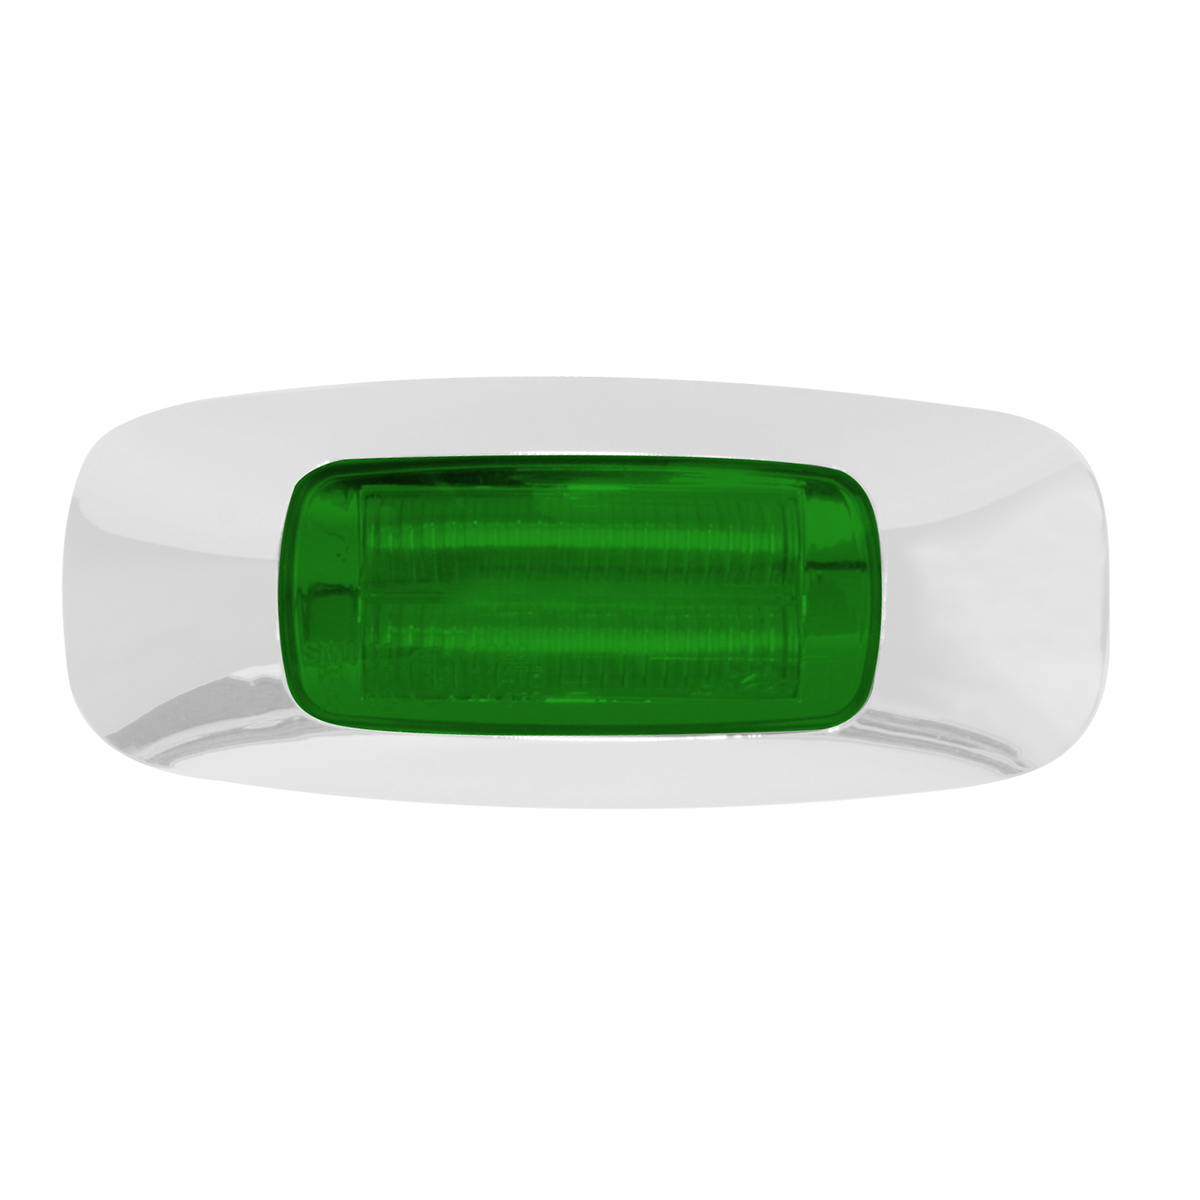 """74826 3.5"""" Rectangular Prime LED Marker Light in Green/Green"""